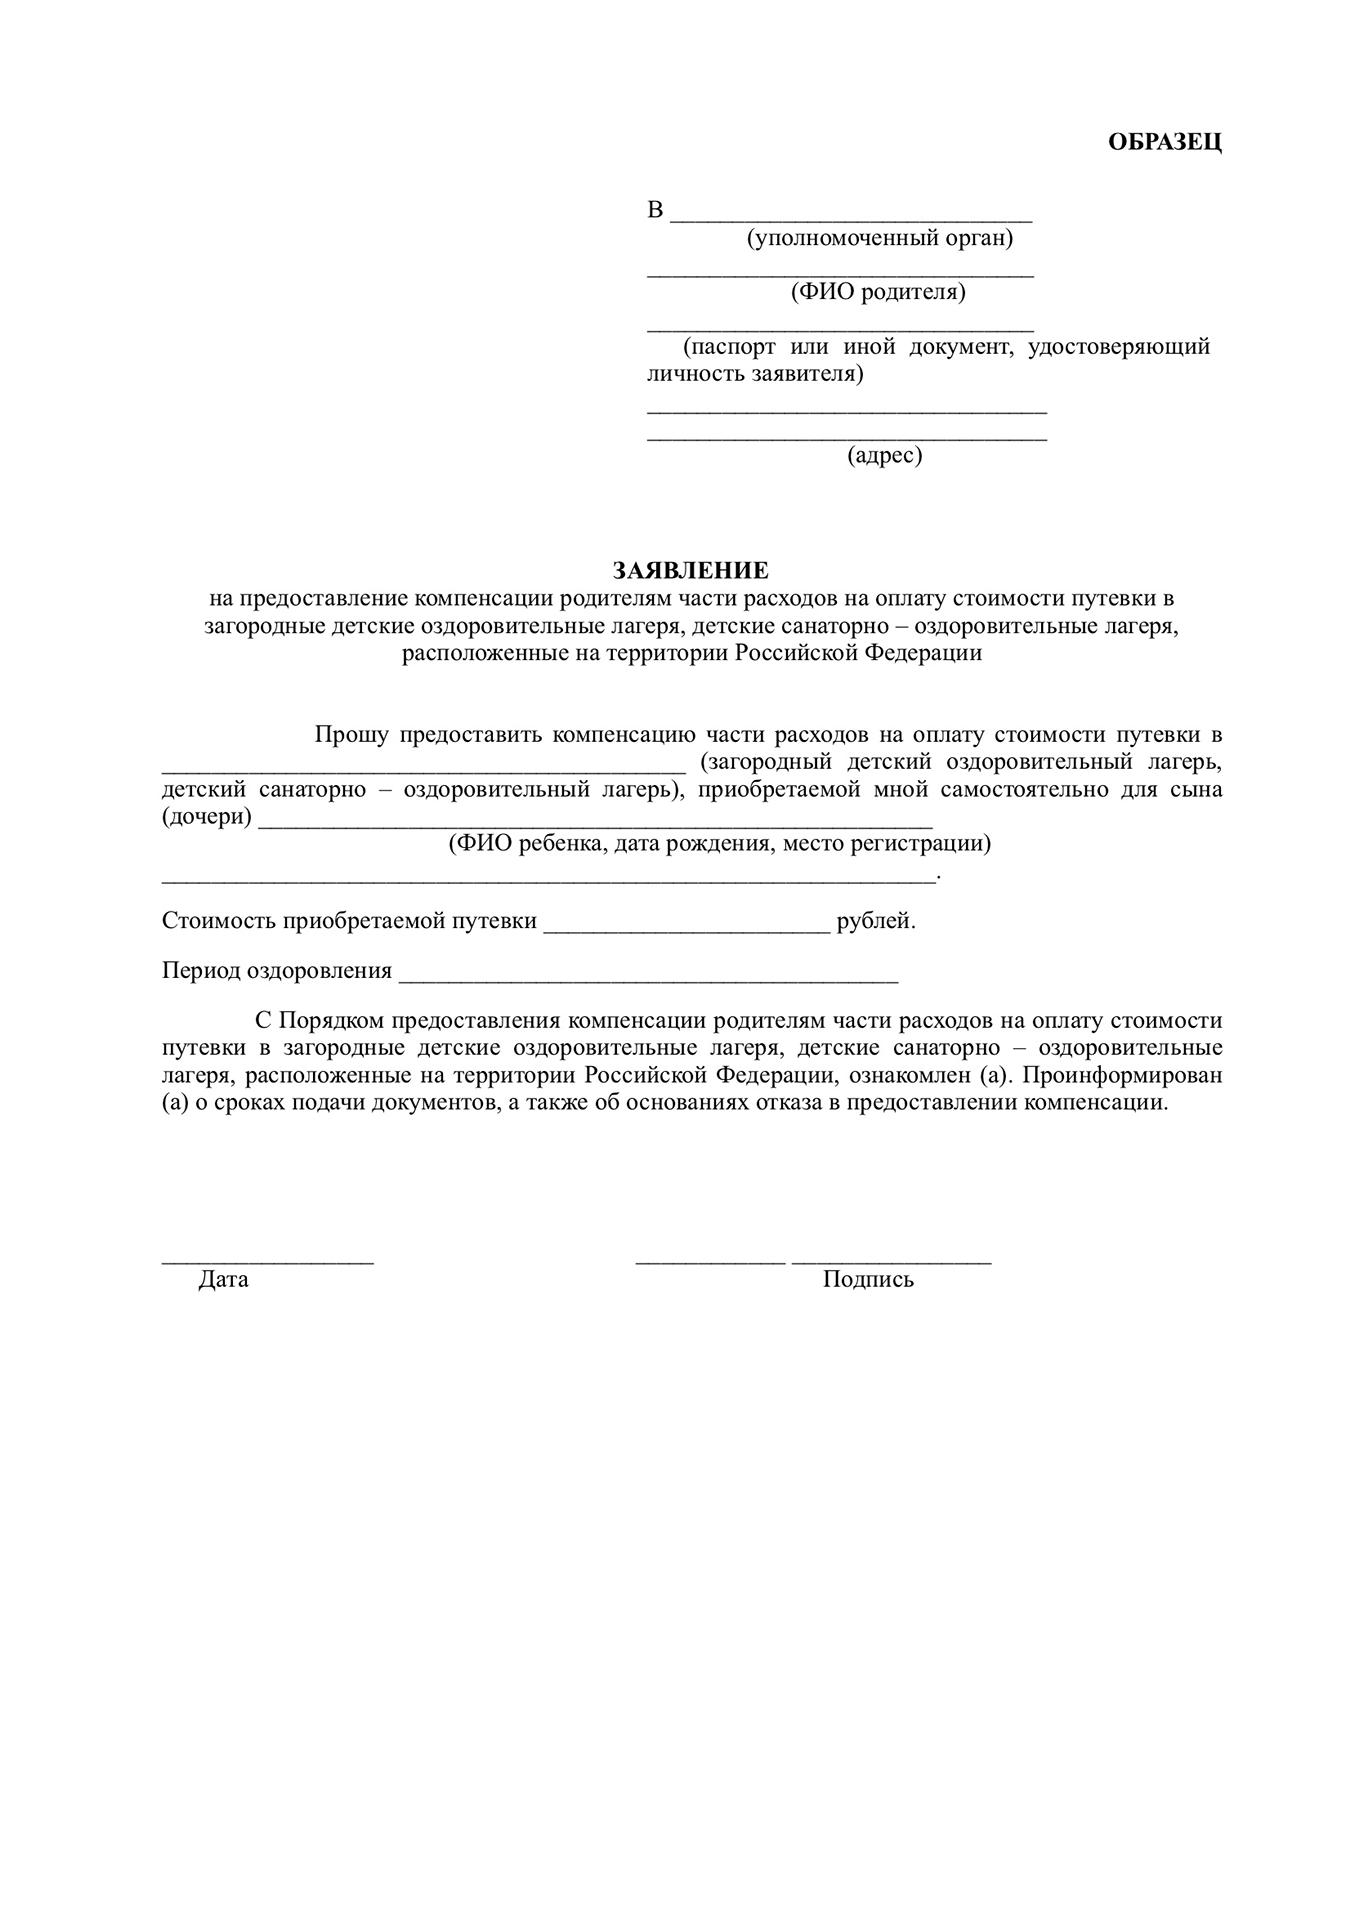 Образец заявления на компенсацию за самостоятельно приобретенную путевку